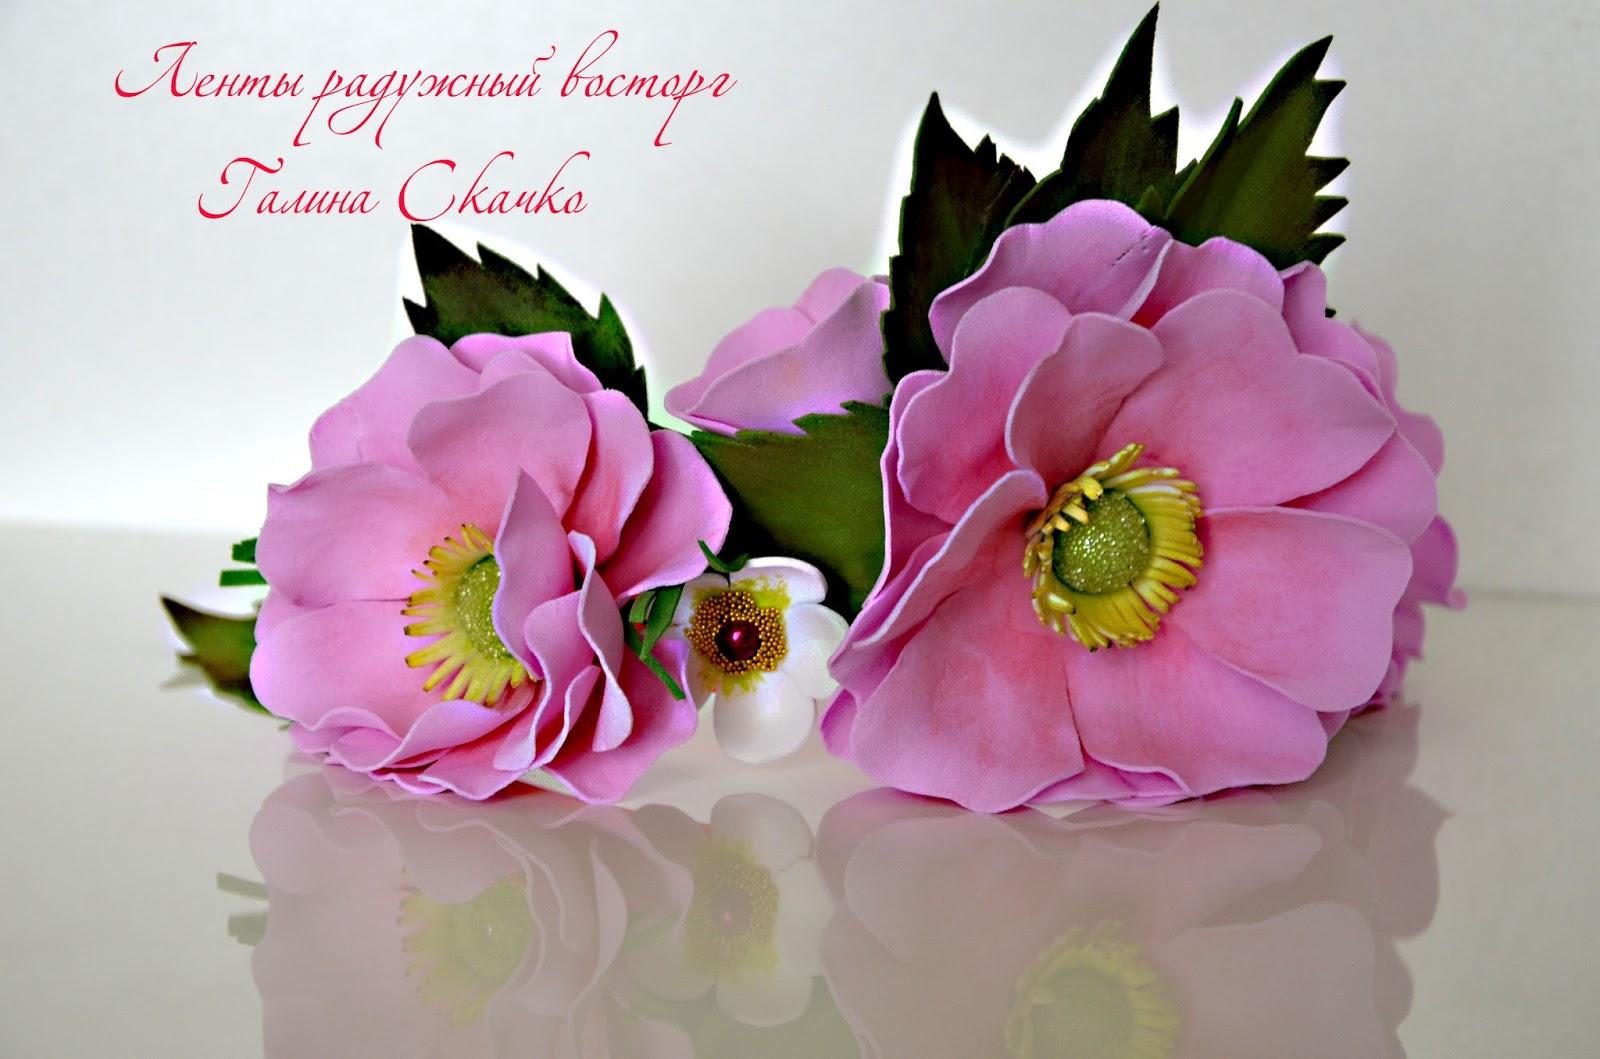 Цветы из фоамирана : 50 лучших идей и мастер-классов с фото 31